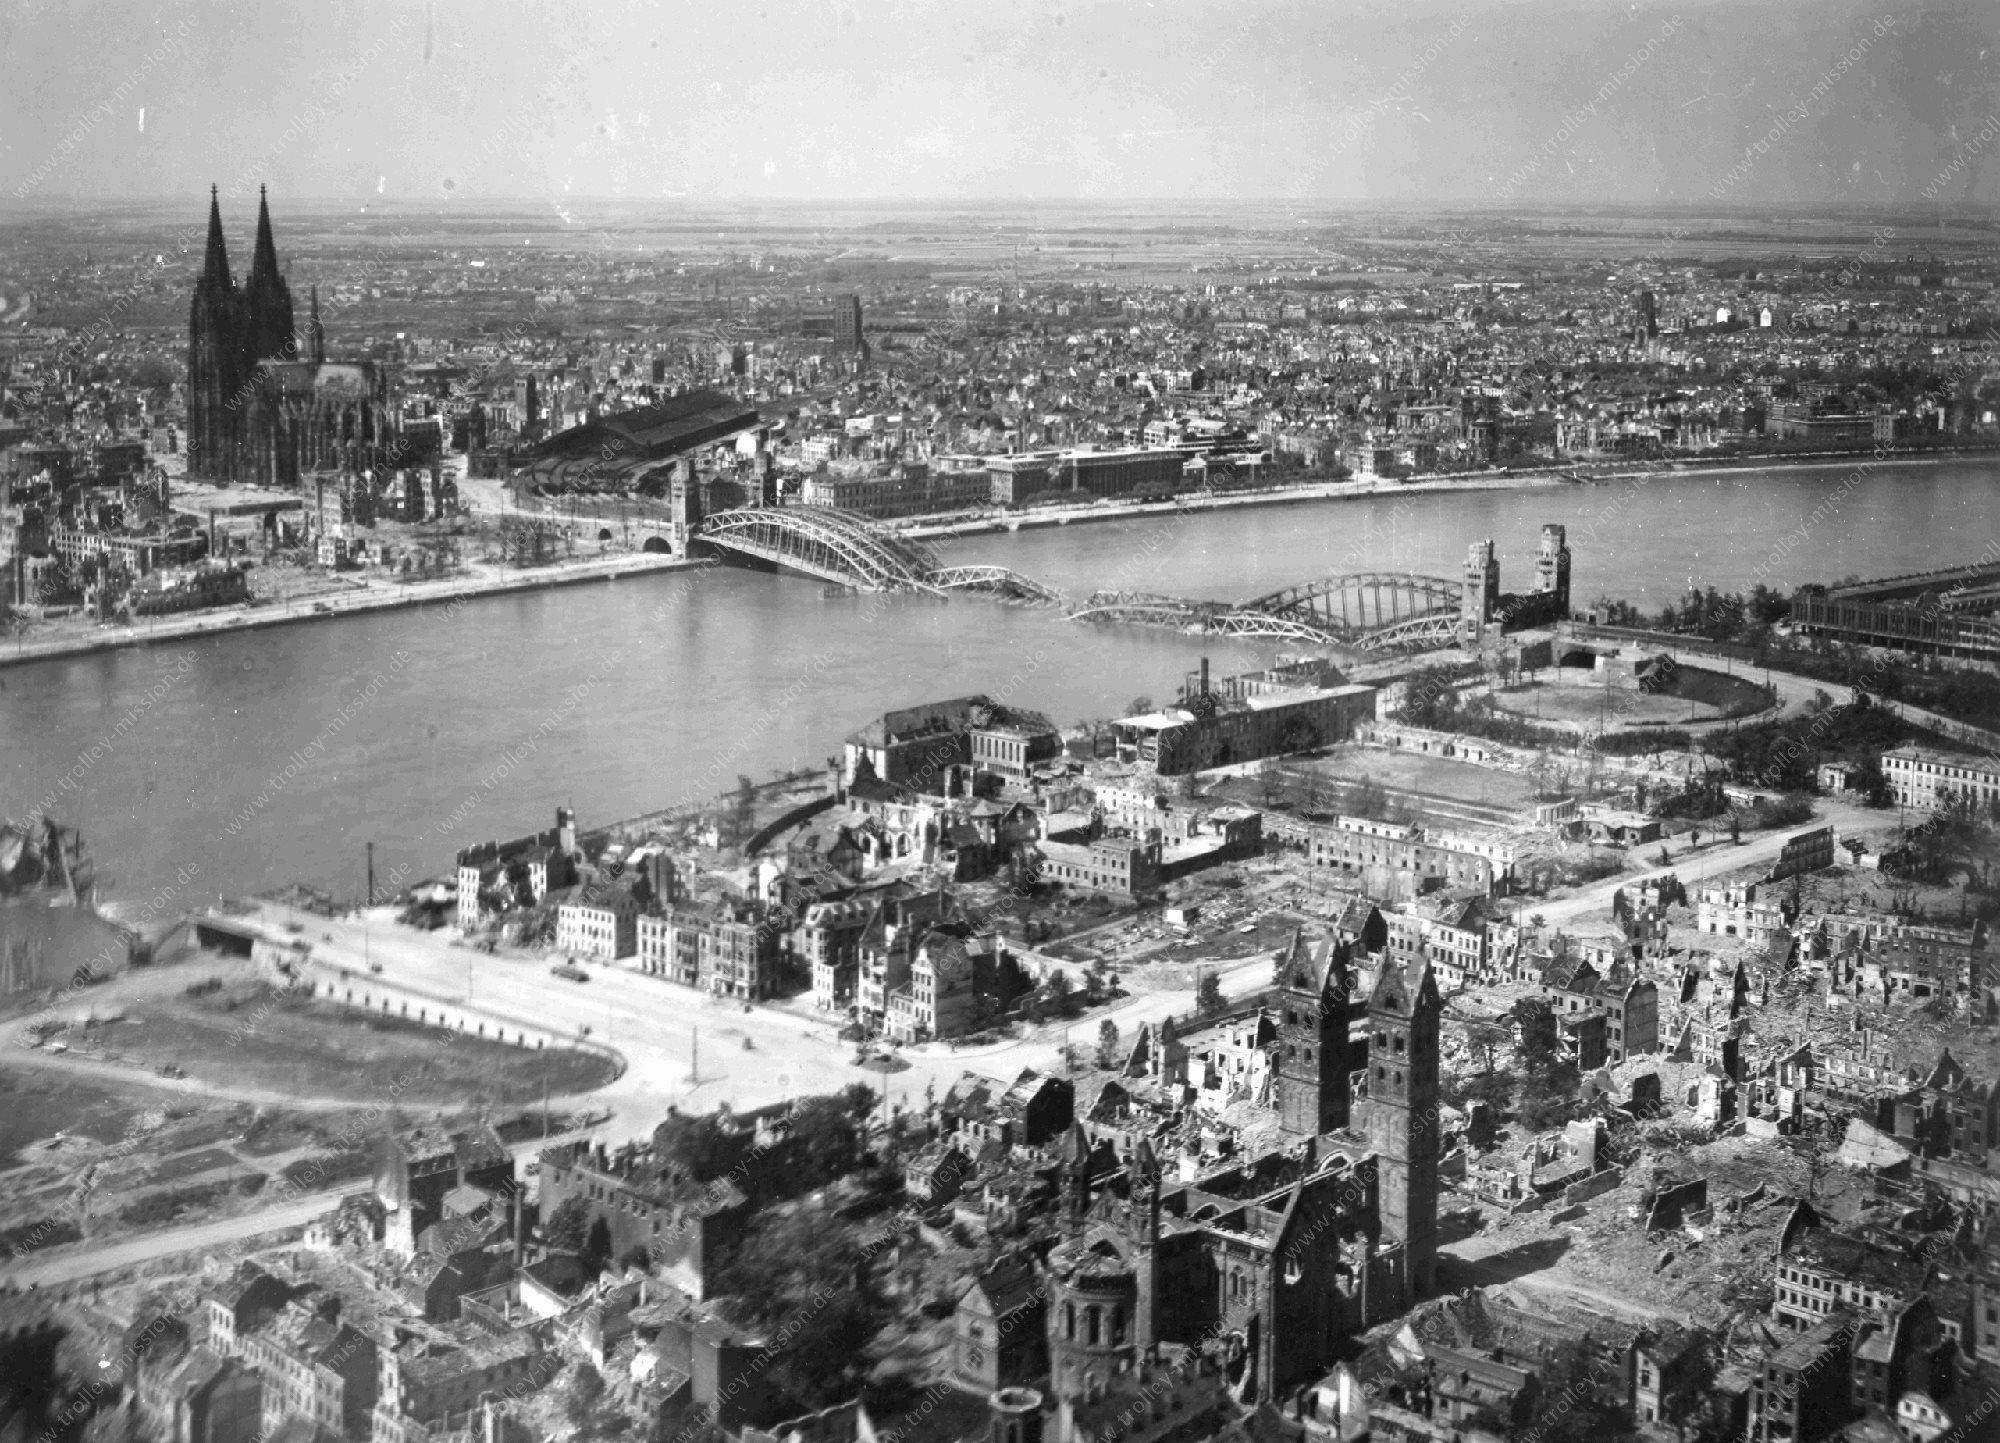 Köln im Weltkrieg - Luftbild St. Heribert Kirche mit Blick zum gegenüberliegenden Rheinufer